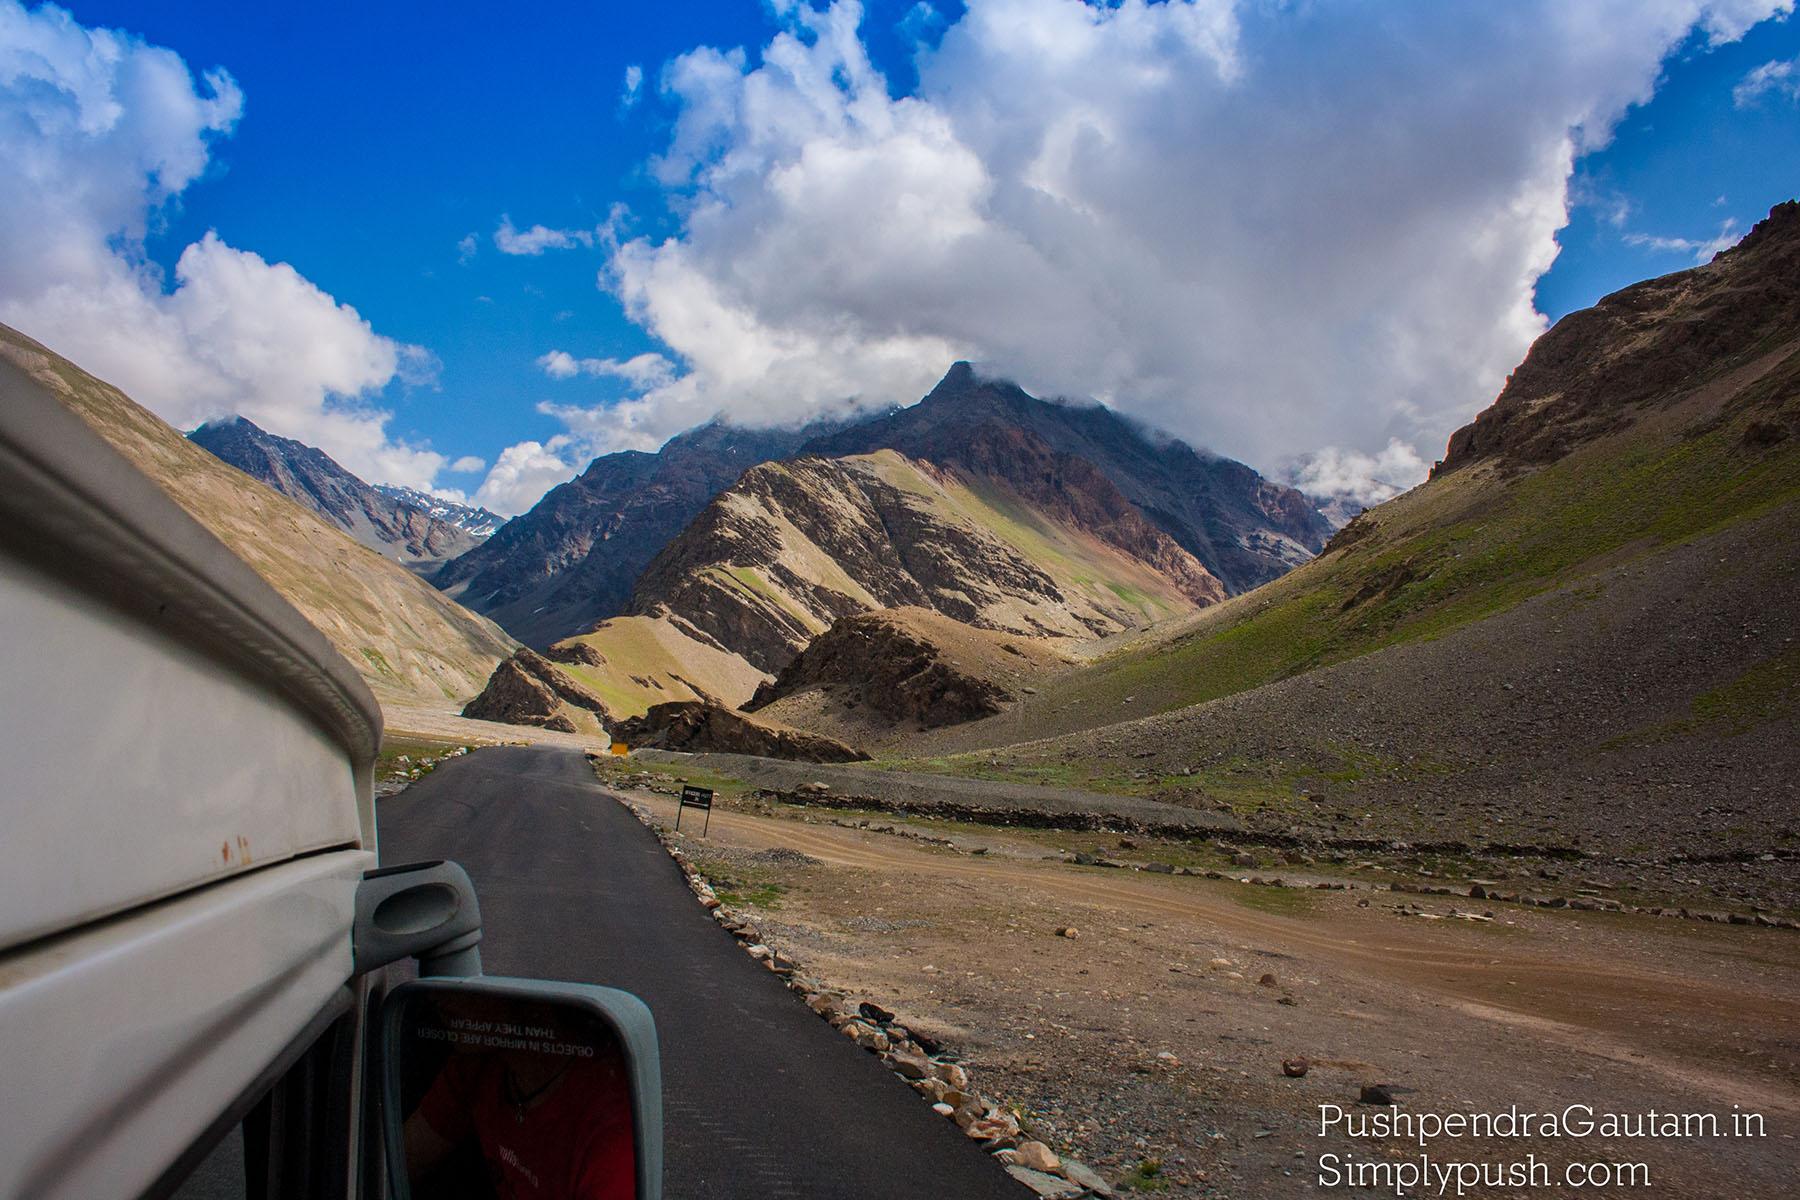 best-travel-blooger-himachal-pradesh-india